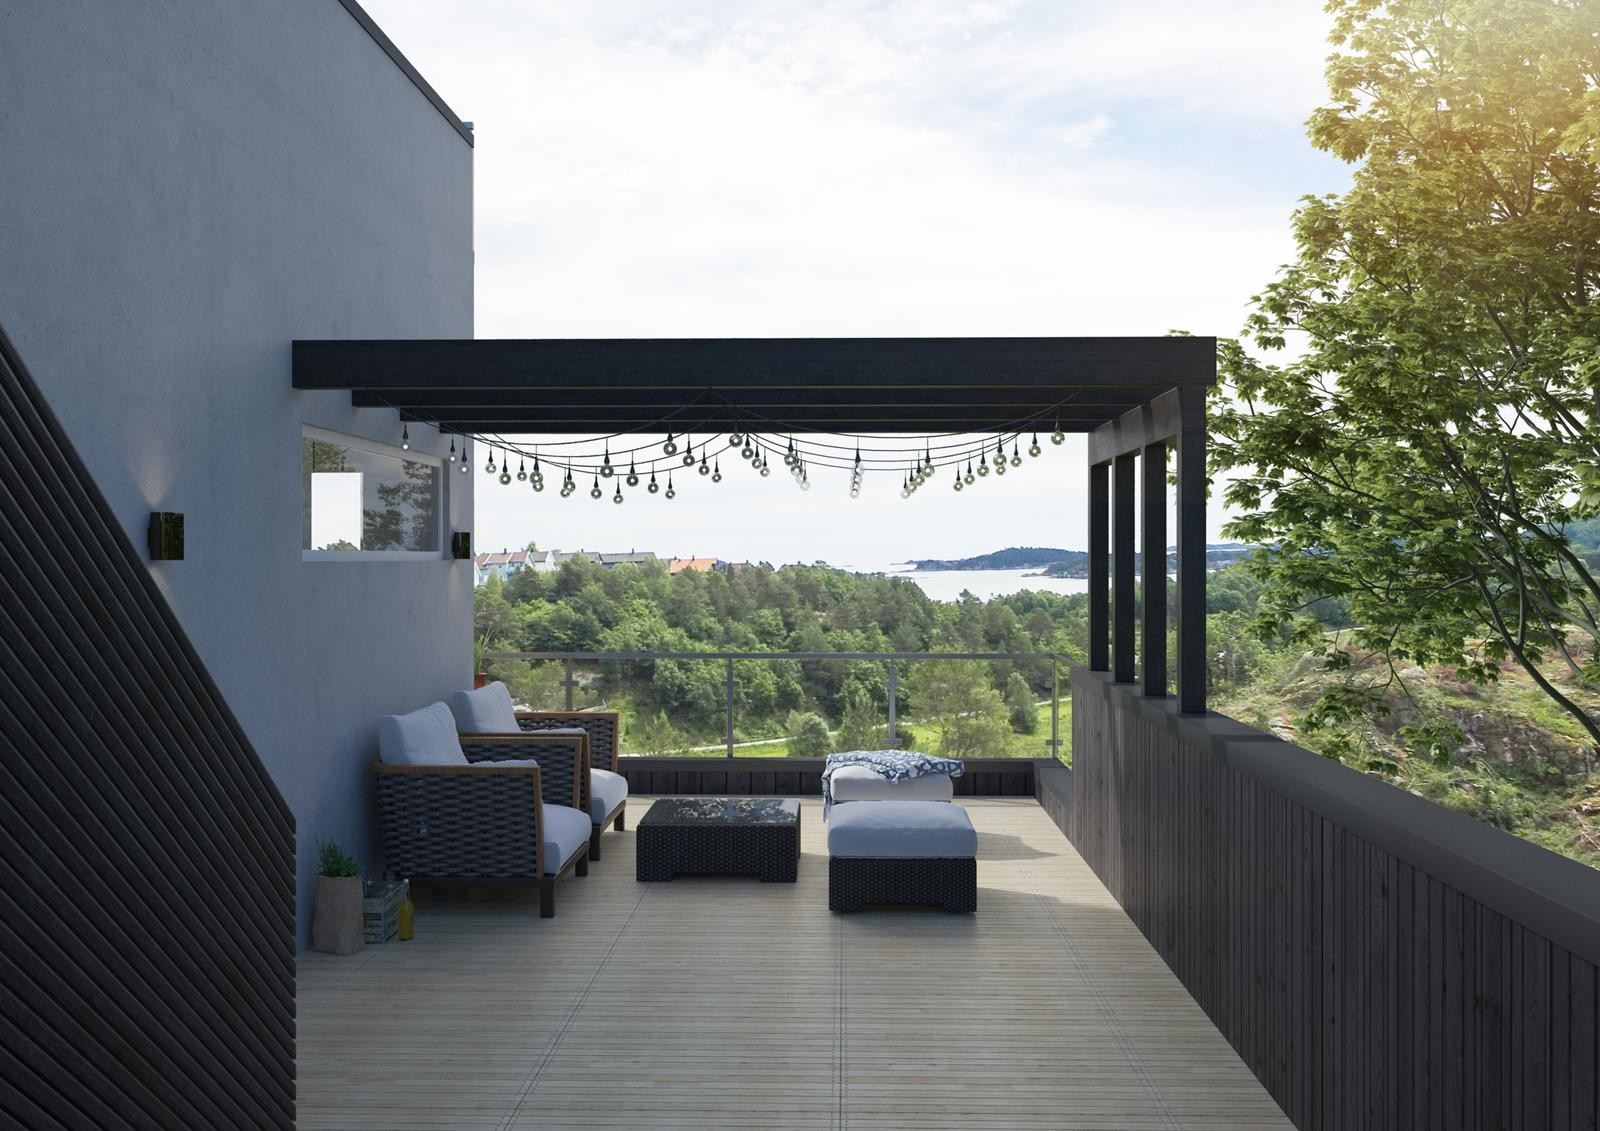 balkong-over-garasje-med-tilkomst-fra-stuen-bildet-tatt-fra-tomt-nr-47